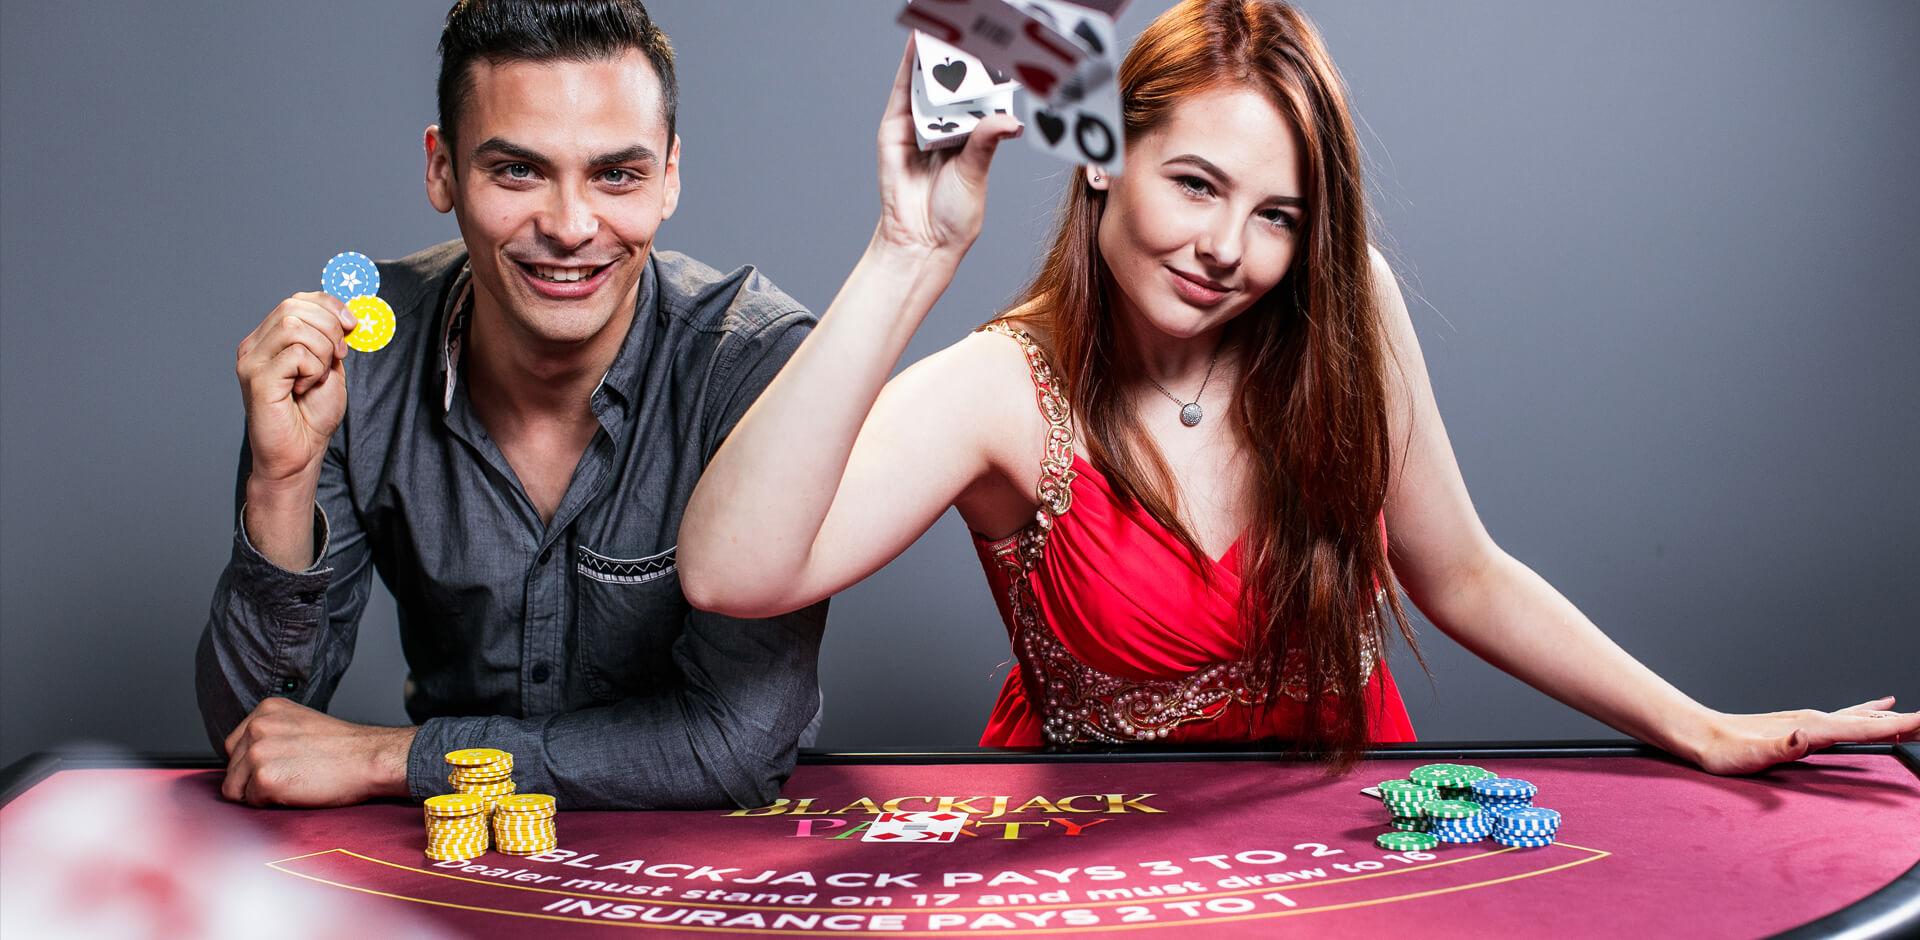 Программное обеспечение для live казино реальное казино на реальные деньги для телефонов